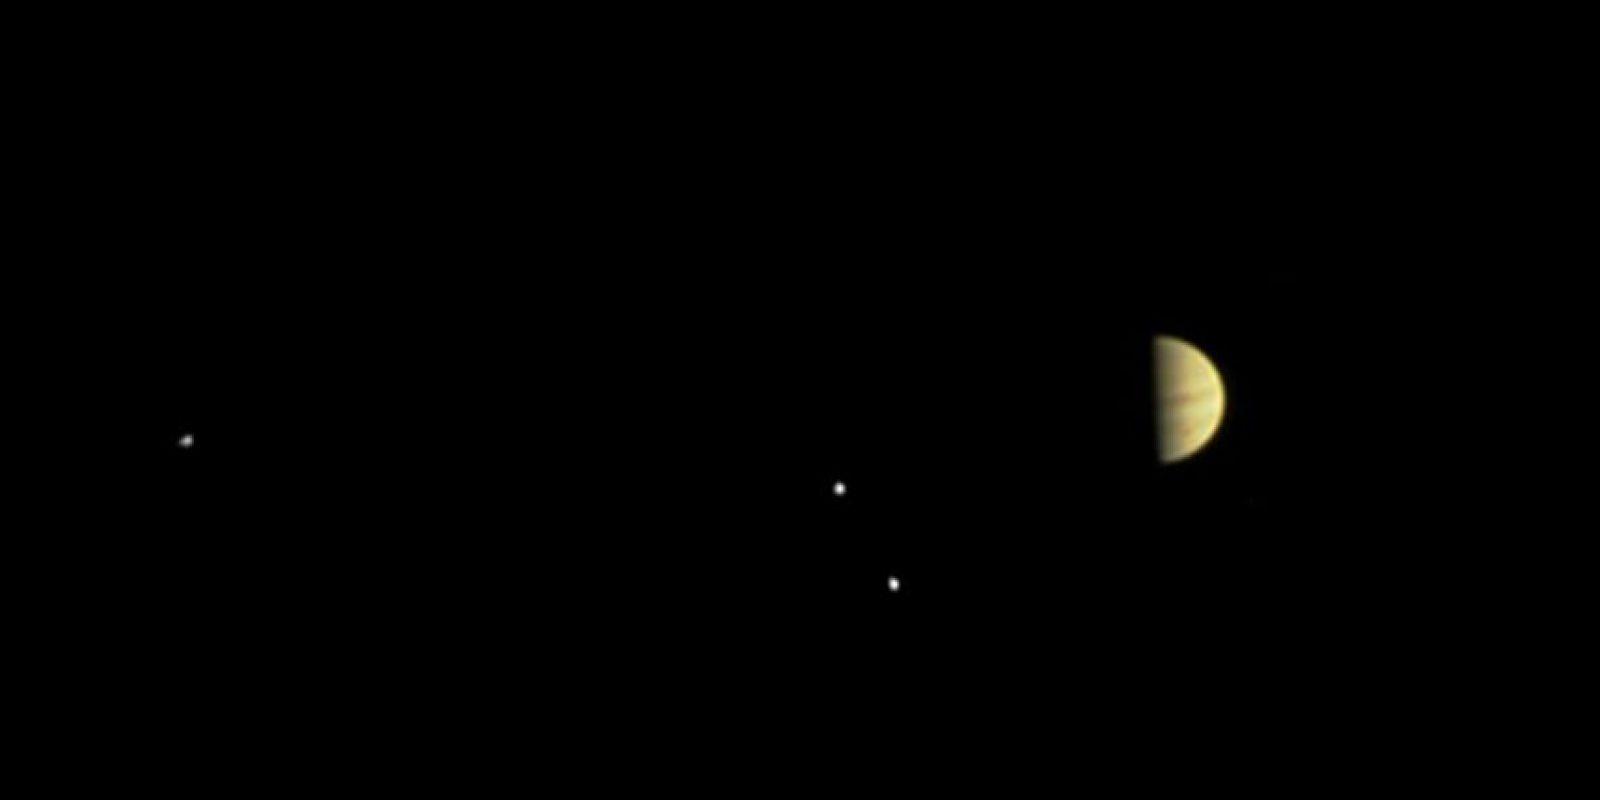 Se pueden apreciar las lunas Callisto y Europa Foto:NASA